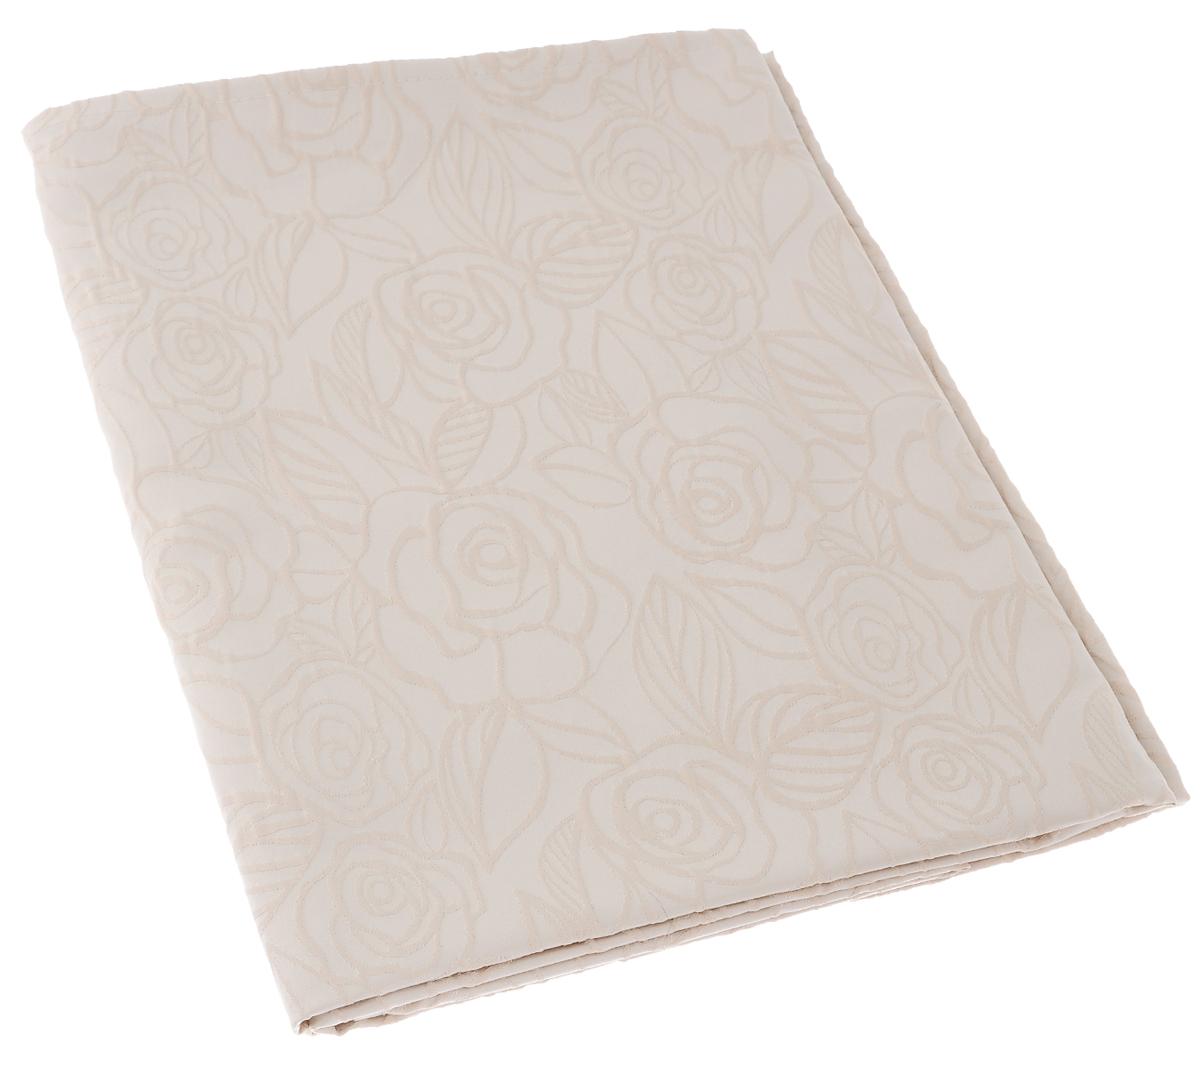 Скатерть Schaefer, прямоугольная, цвет: светло-бежевый, 130 х 160 см. 07550-42707550-427Изящная прямоугольная скатерть Schaefer, выполненная из плотного полиэстера с водоотталкивающей пропиткой, станет украшением кухонного стола. Изделие декорировано рельефным цветочным узором.За текстилем из полиэстера очень легко ухаживать: он не мнется, не садится и быстро сохнет, легко стирается, более долговечен, чем текстиль из натуральных волокон.Использование такой скатерти сделает застолье торжественным, поднимет настроение гостей и приятно удивит их вашим изысканным вкусом. Также вы можете использовать эту скатерть для повседневной трапезы, превратив каждый прием пищи в волшебный праздник и веселье. Это текстильное изделие станет изысканным украшением вашего дома!